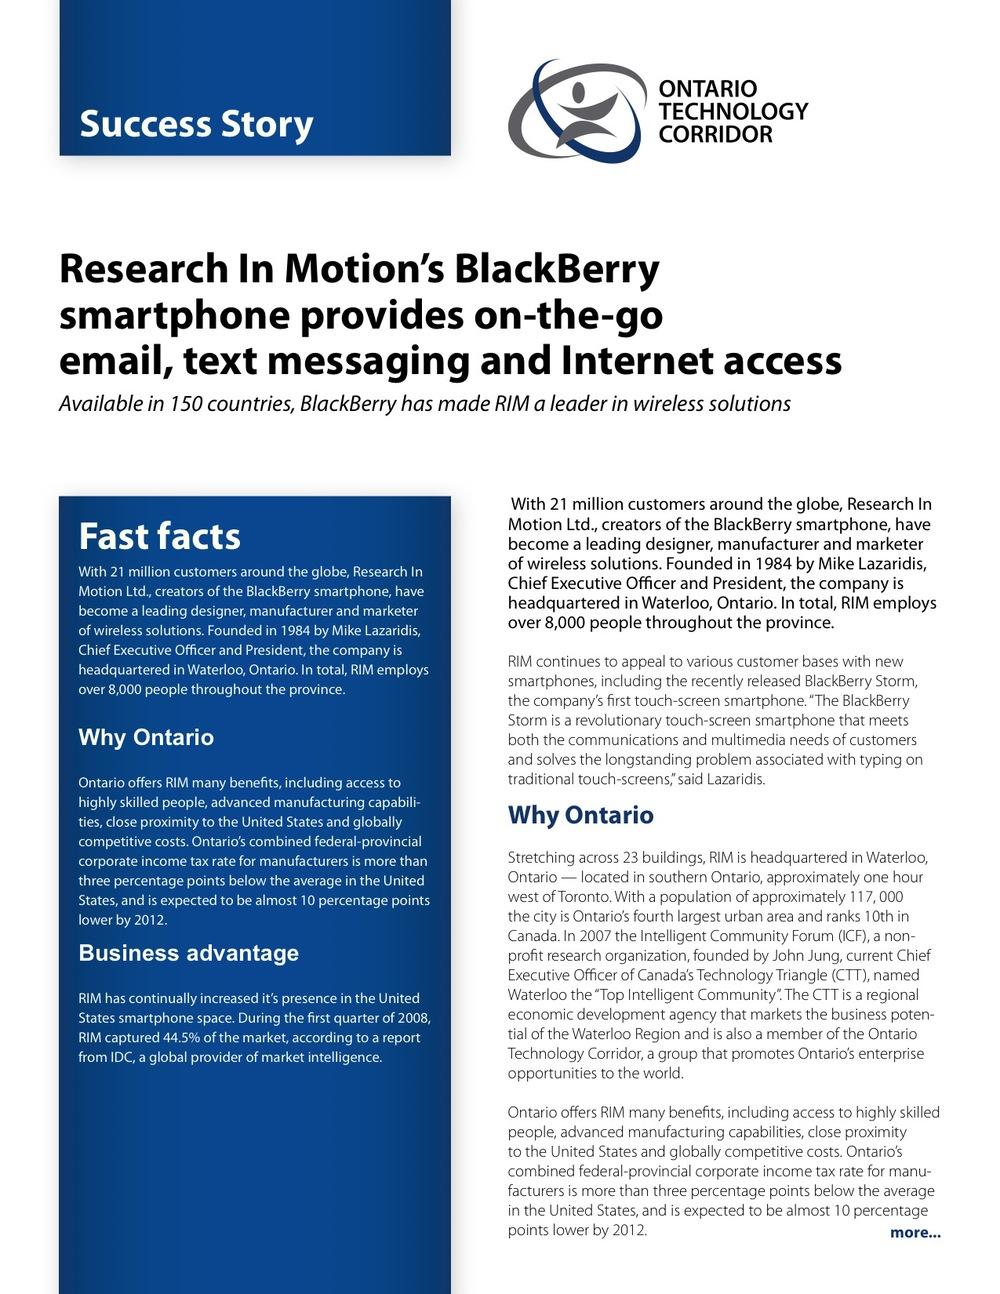 OTC-success-rim-feb2011-view-page1.jpg